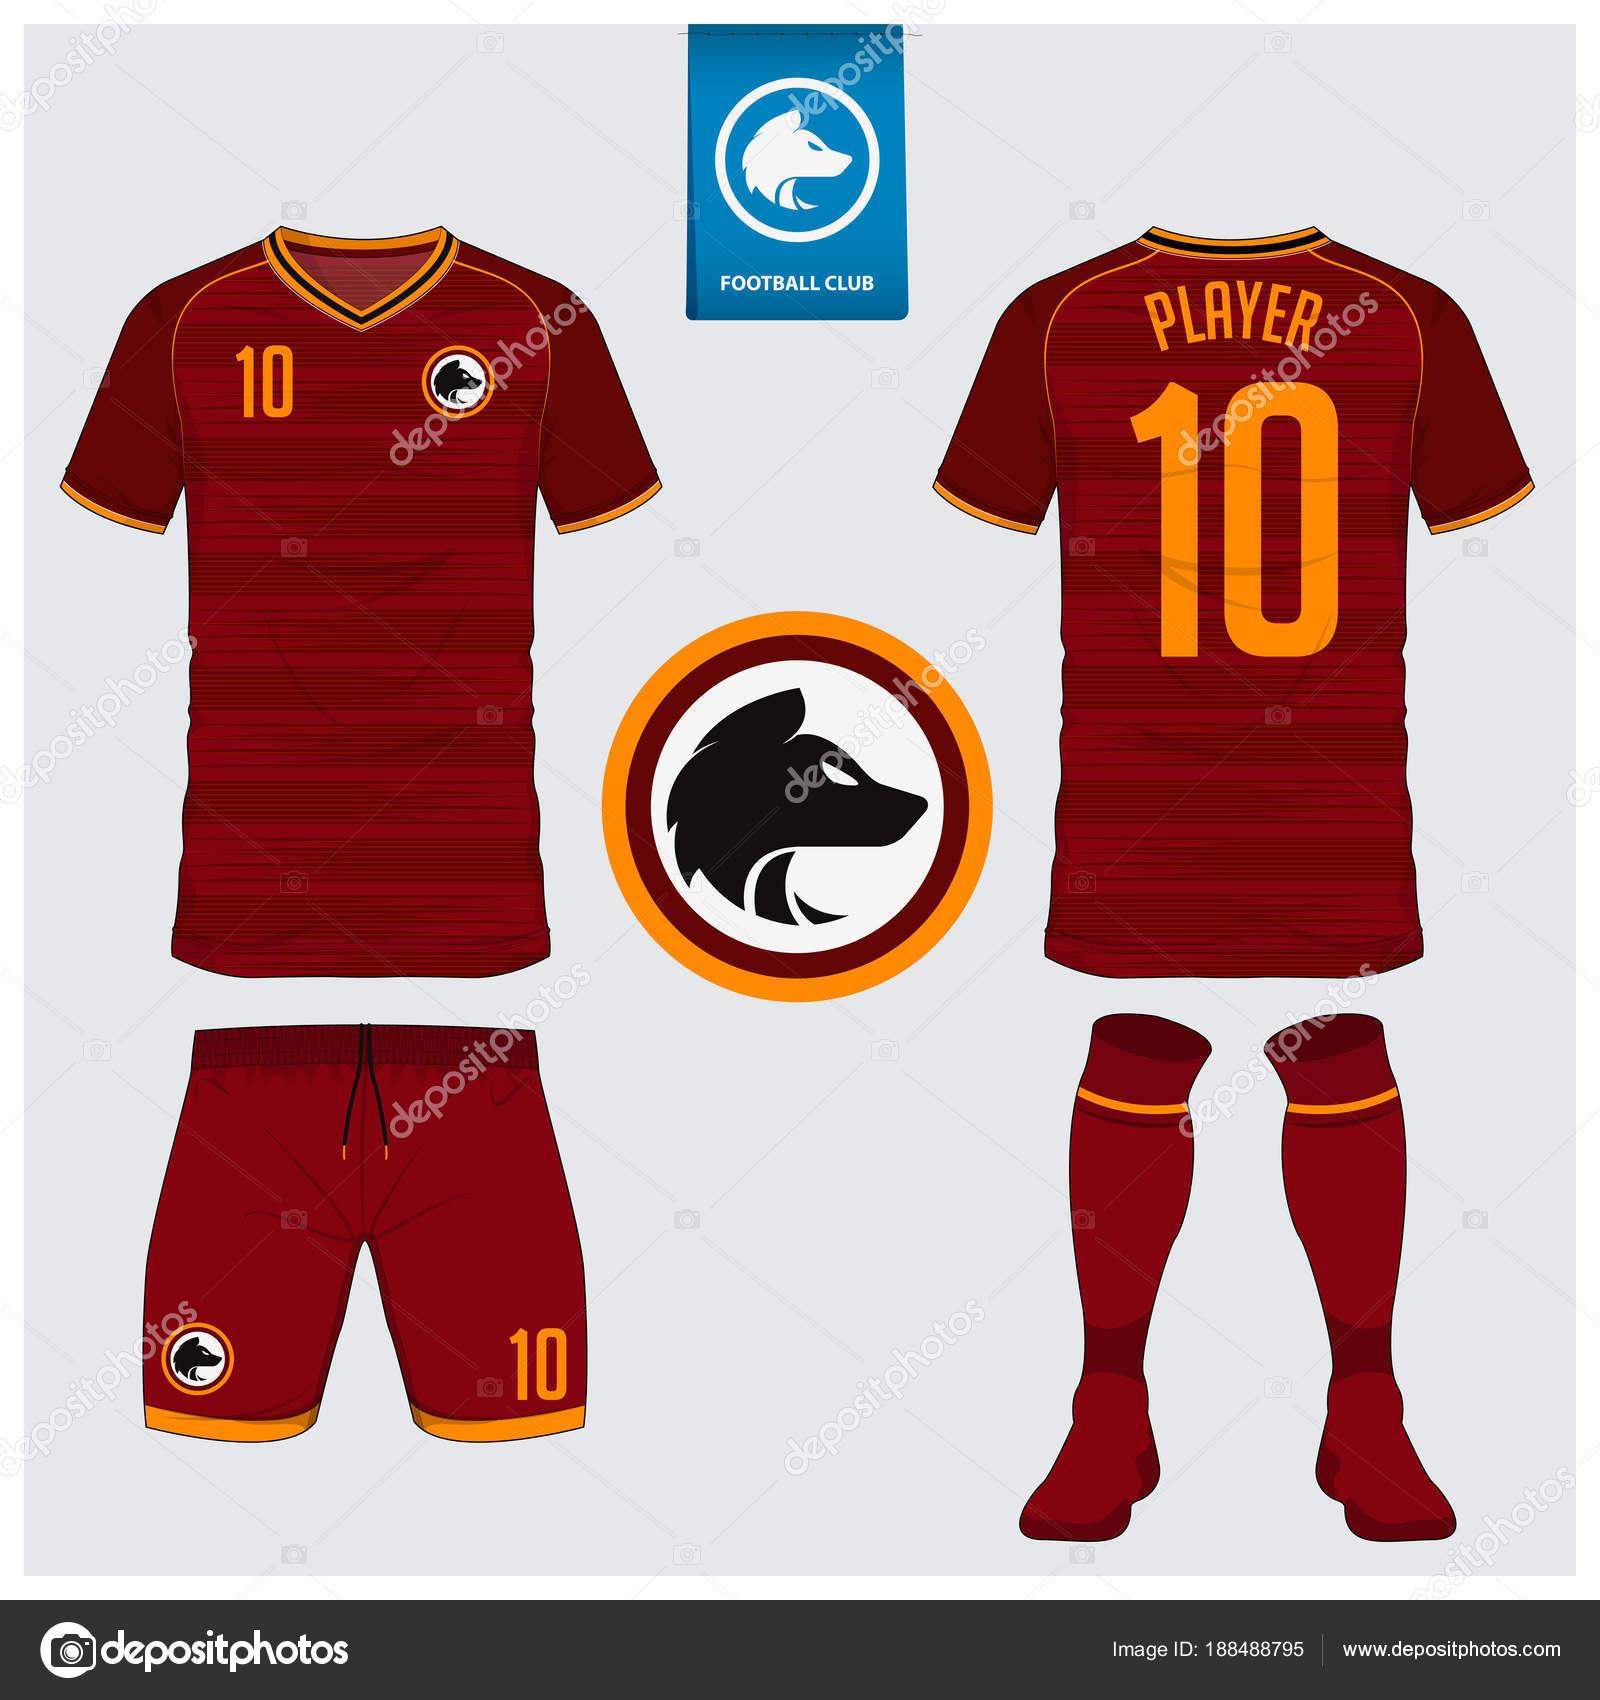 19f4b619e3a94 Camisa de futebol